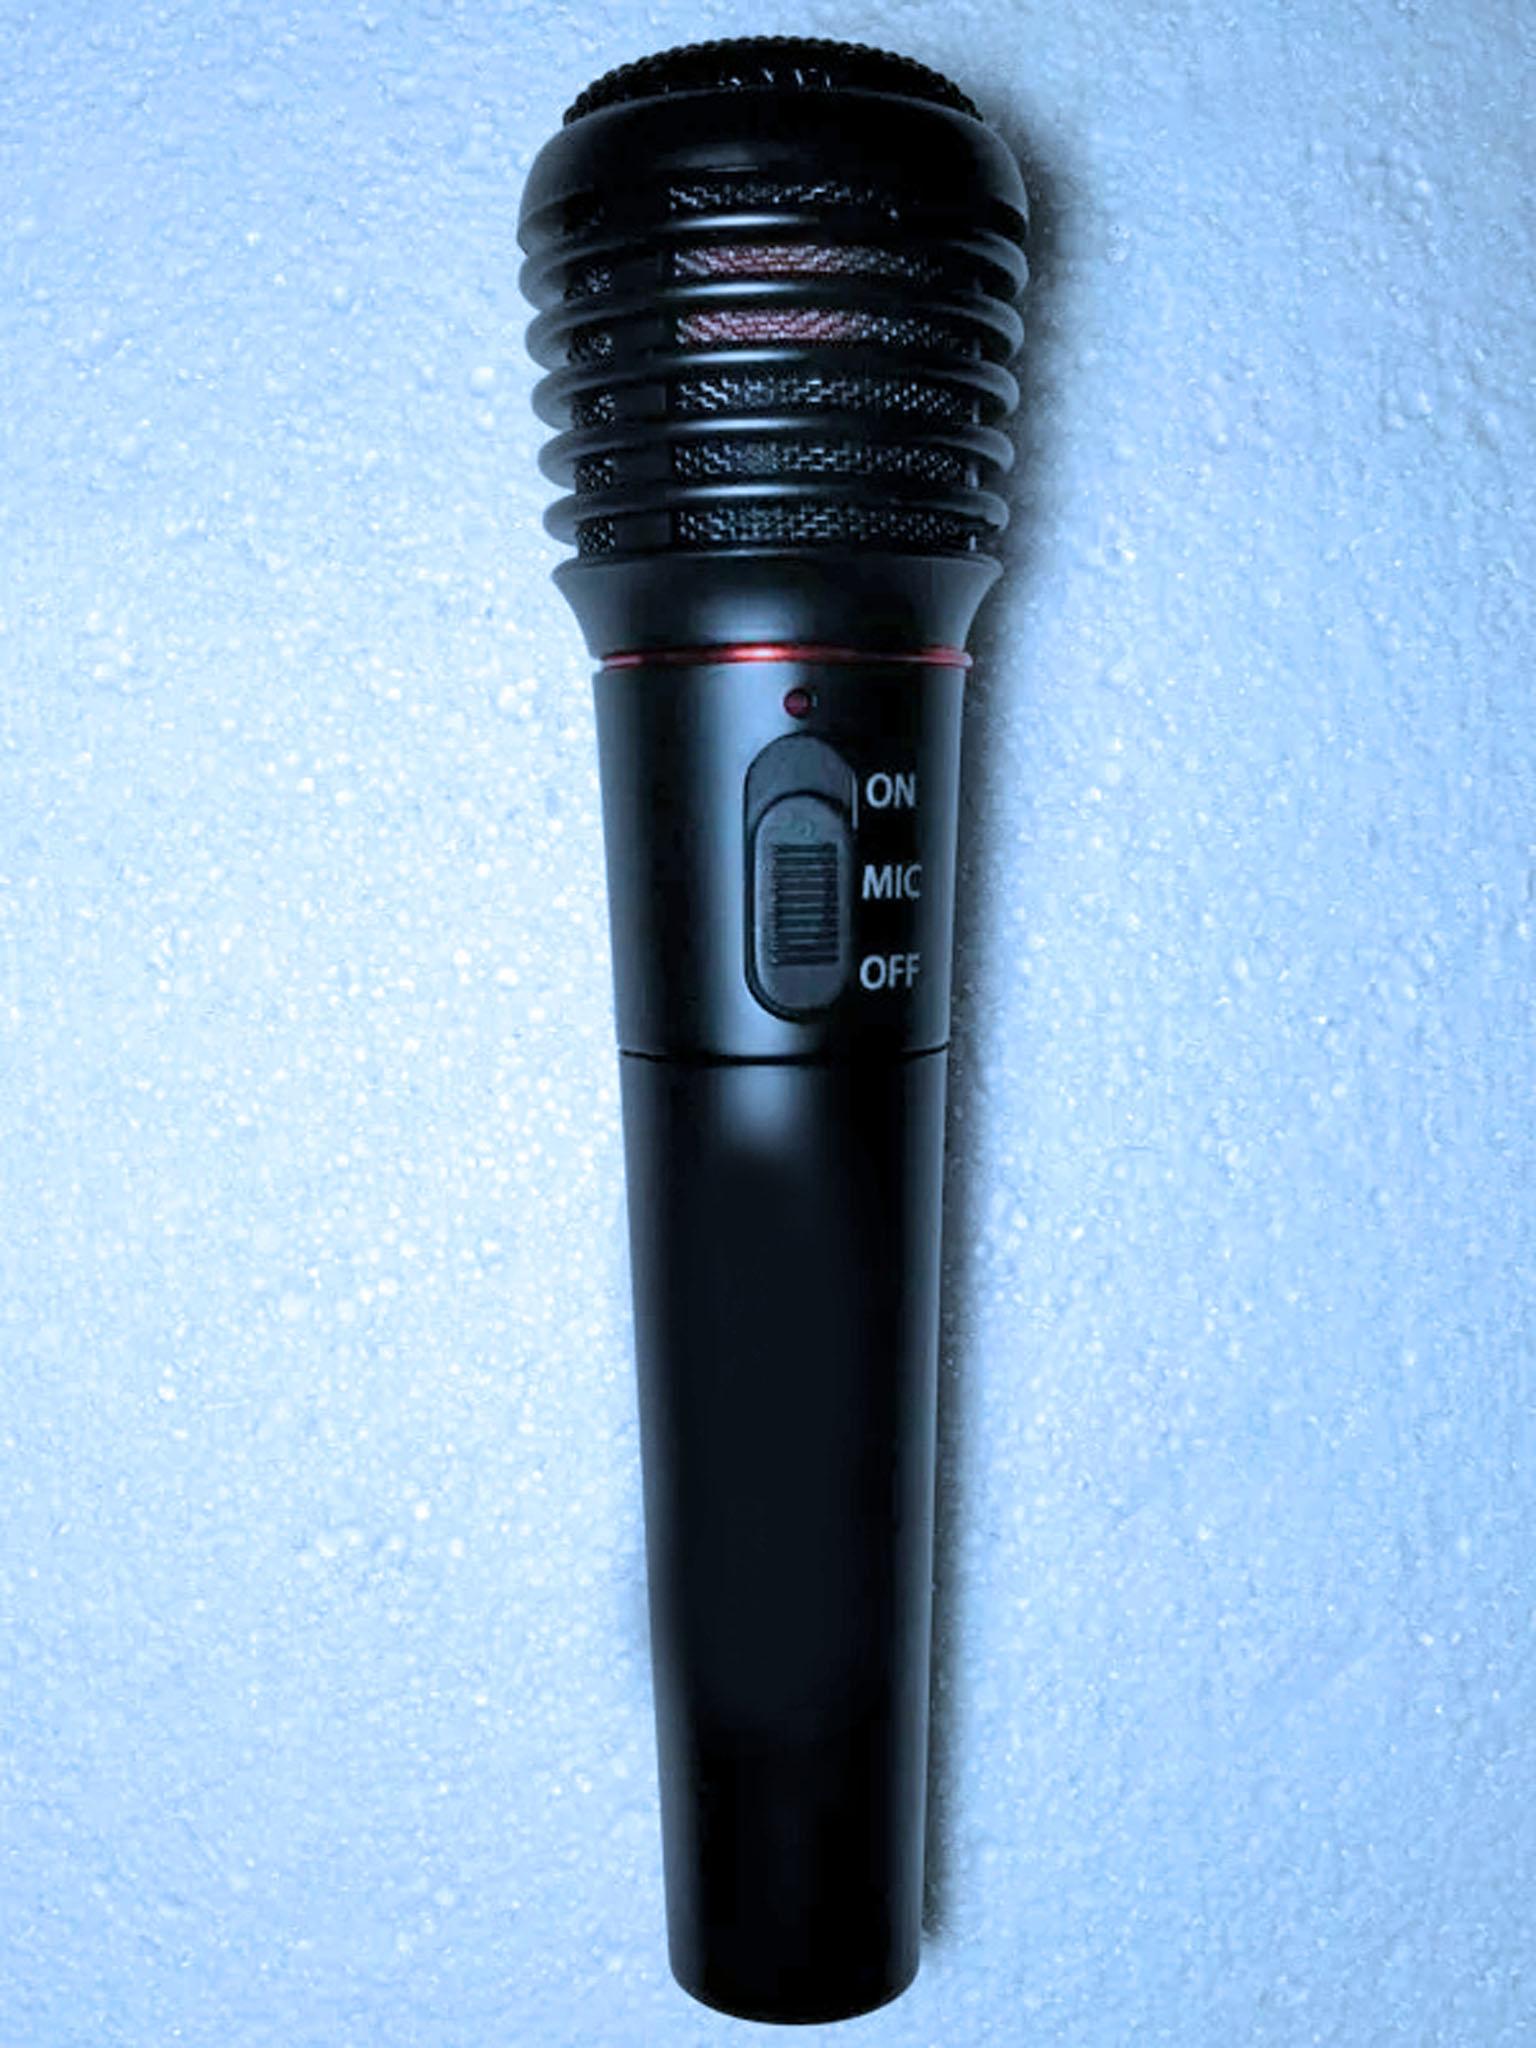 дешевый беспроводной караоке микрофон